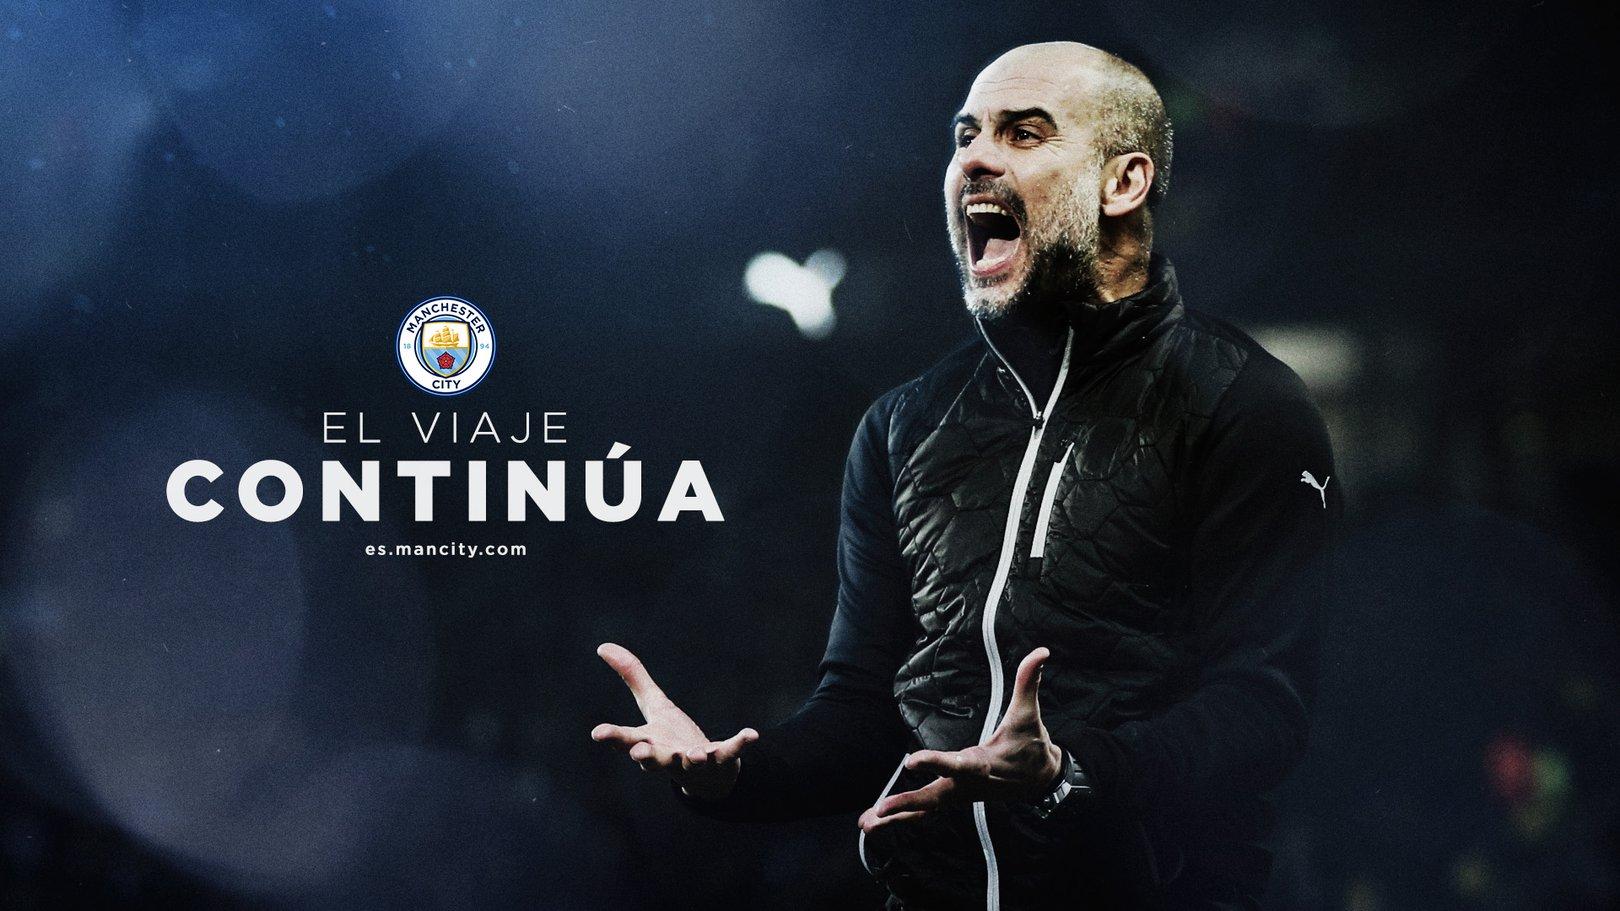 Pep Guardiola amplía su contrato con el Manchester City hasta 2023